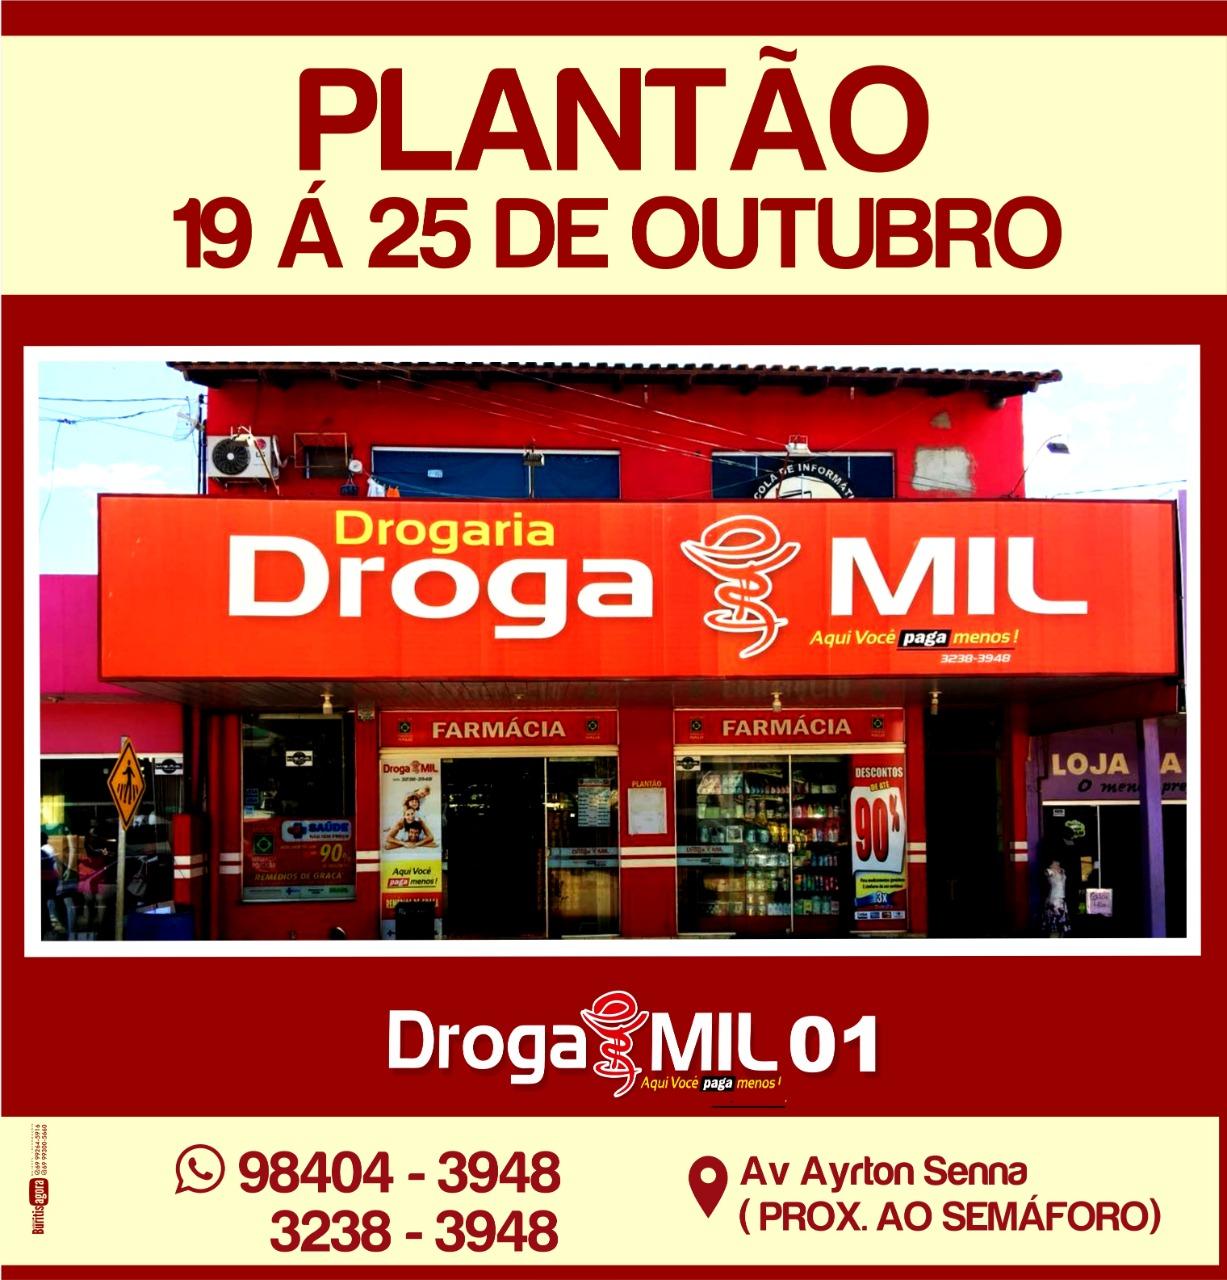 DROGA PLANTÃO 01